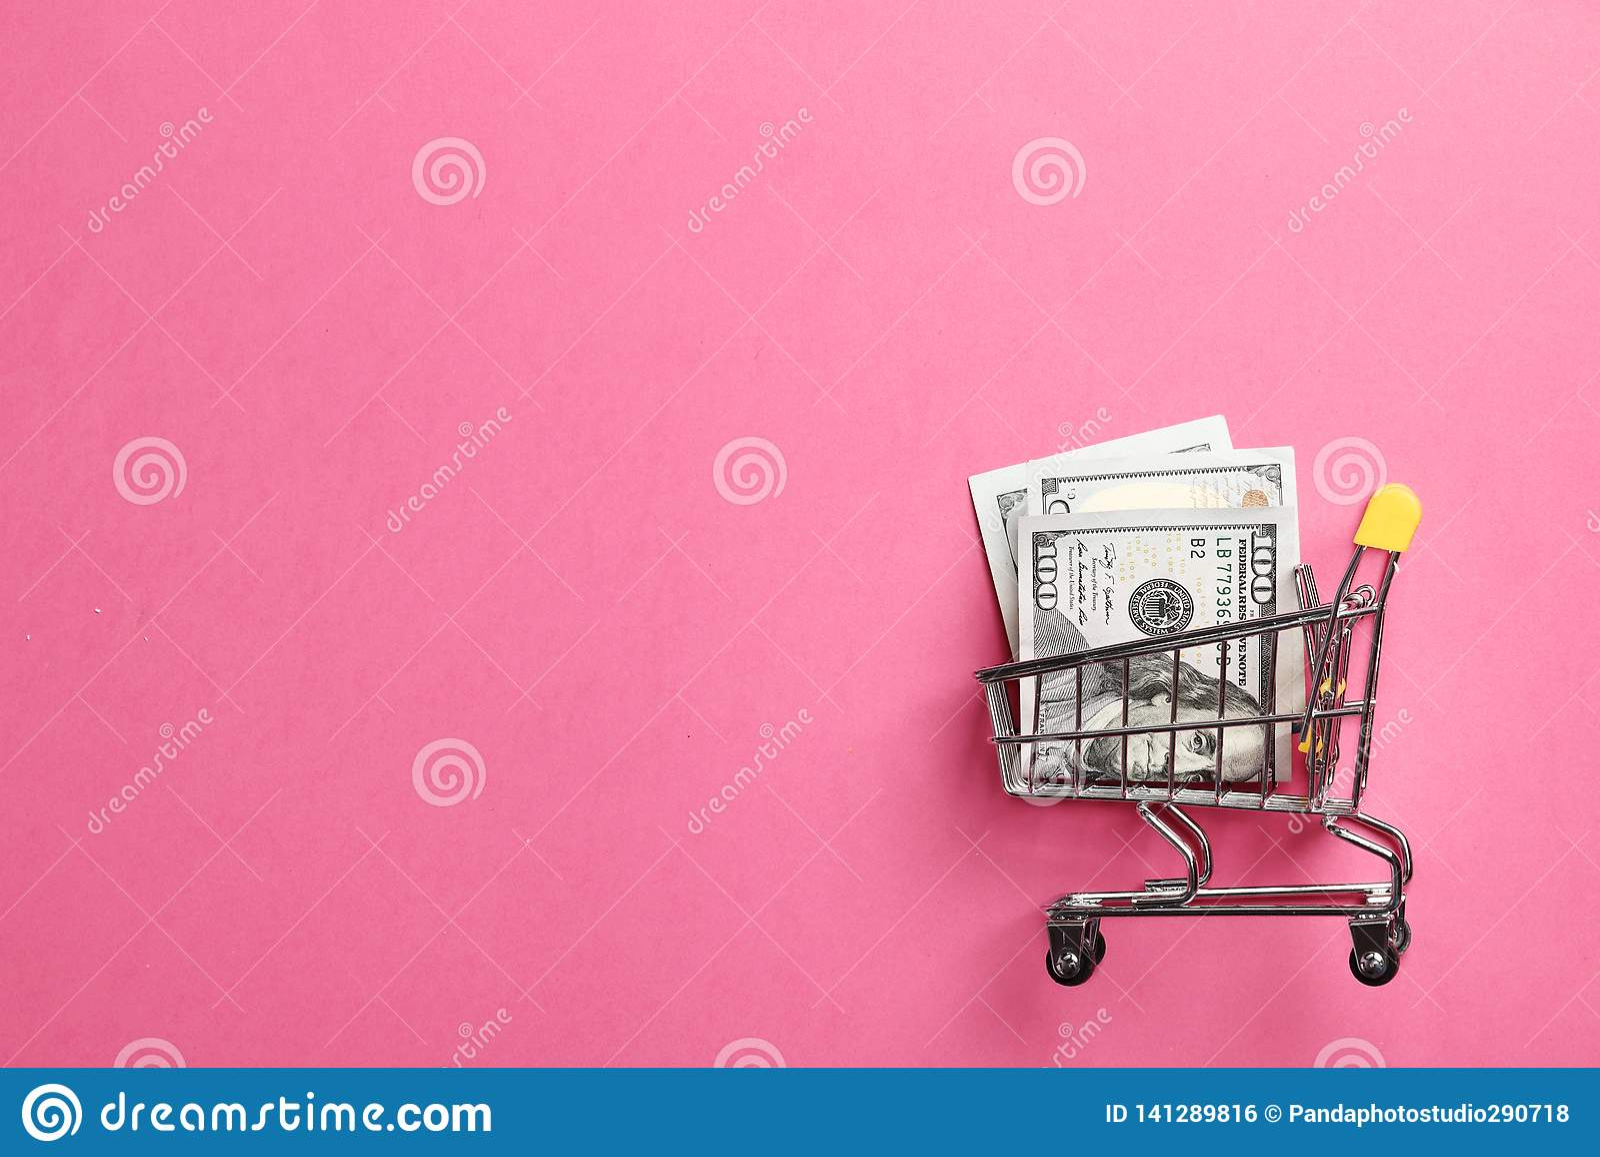 Wózek na zakupy na różowym tle